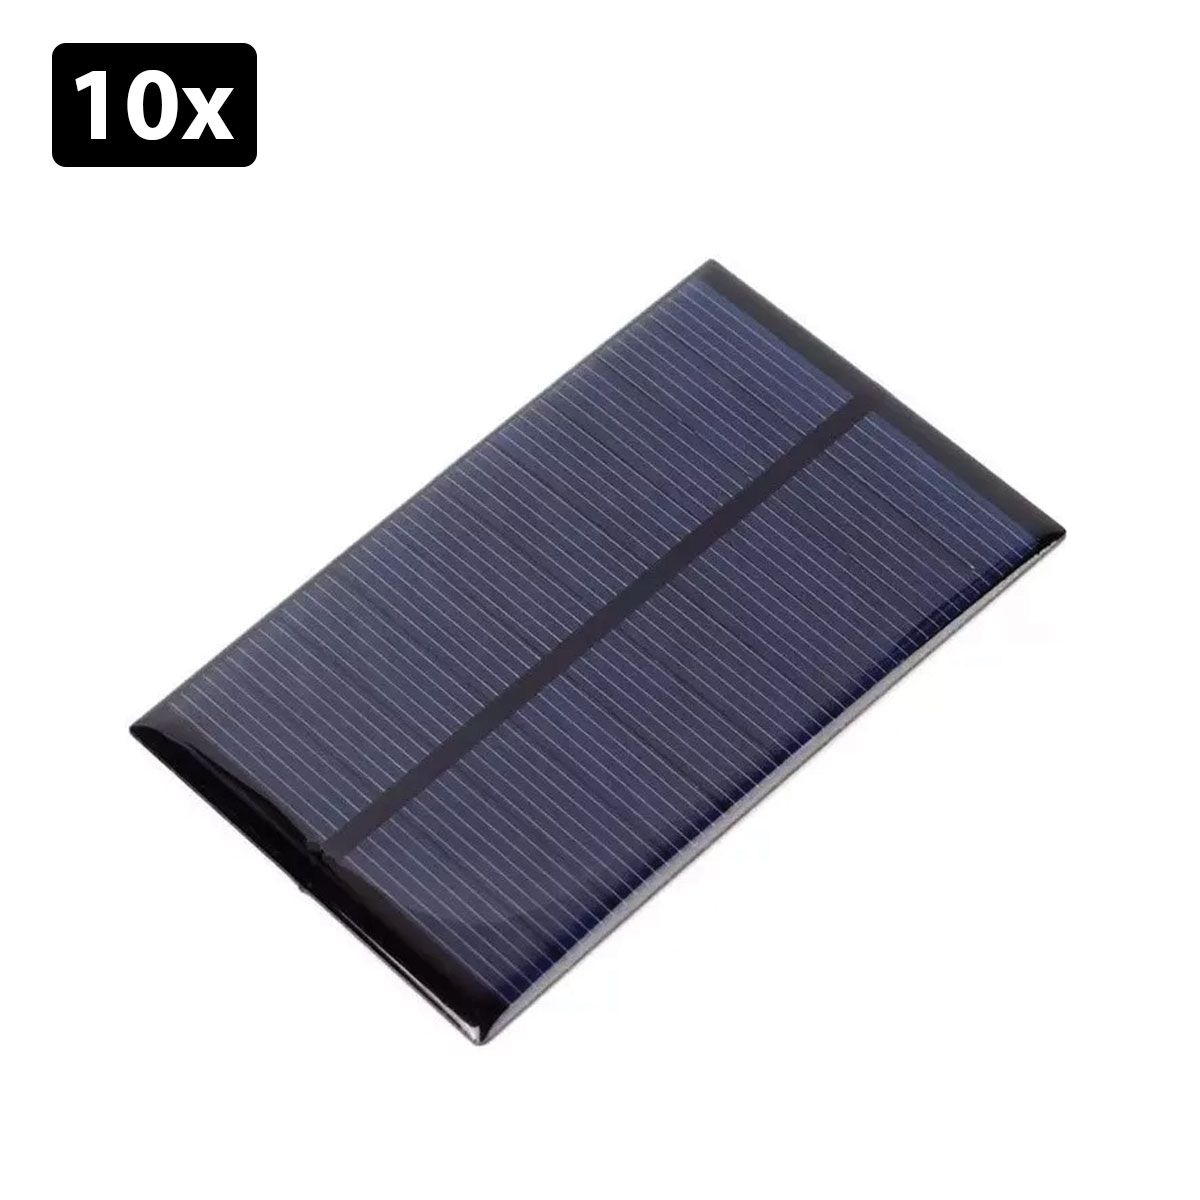 Kit com 10: Painel / Placa / Célula de Energia Solar Fotovoltaica 5V 240mA 1.2W